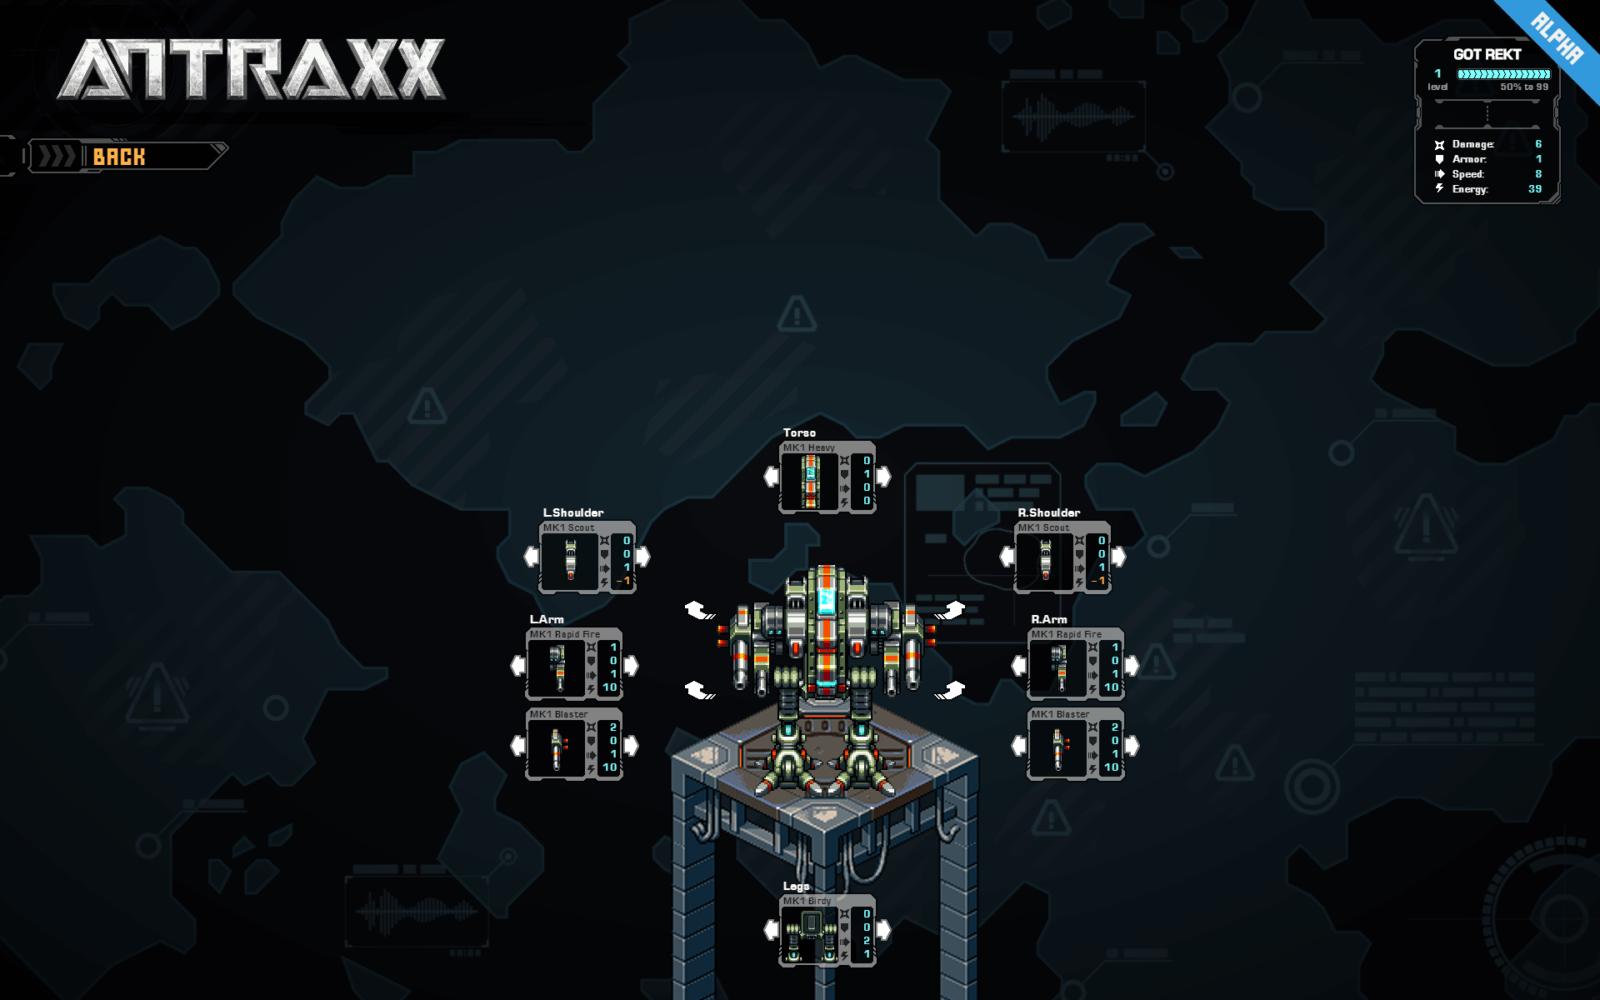 indigo.2016.antraxx.group.ss (12)